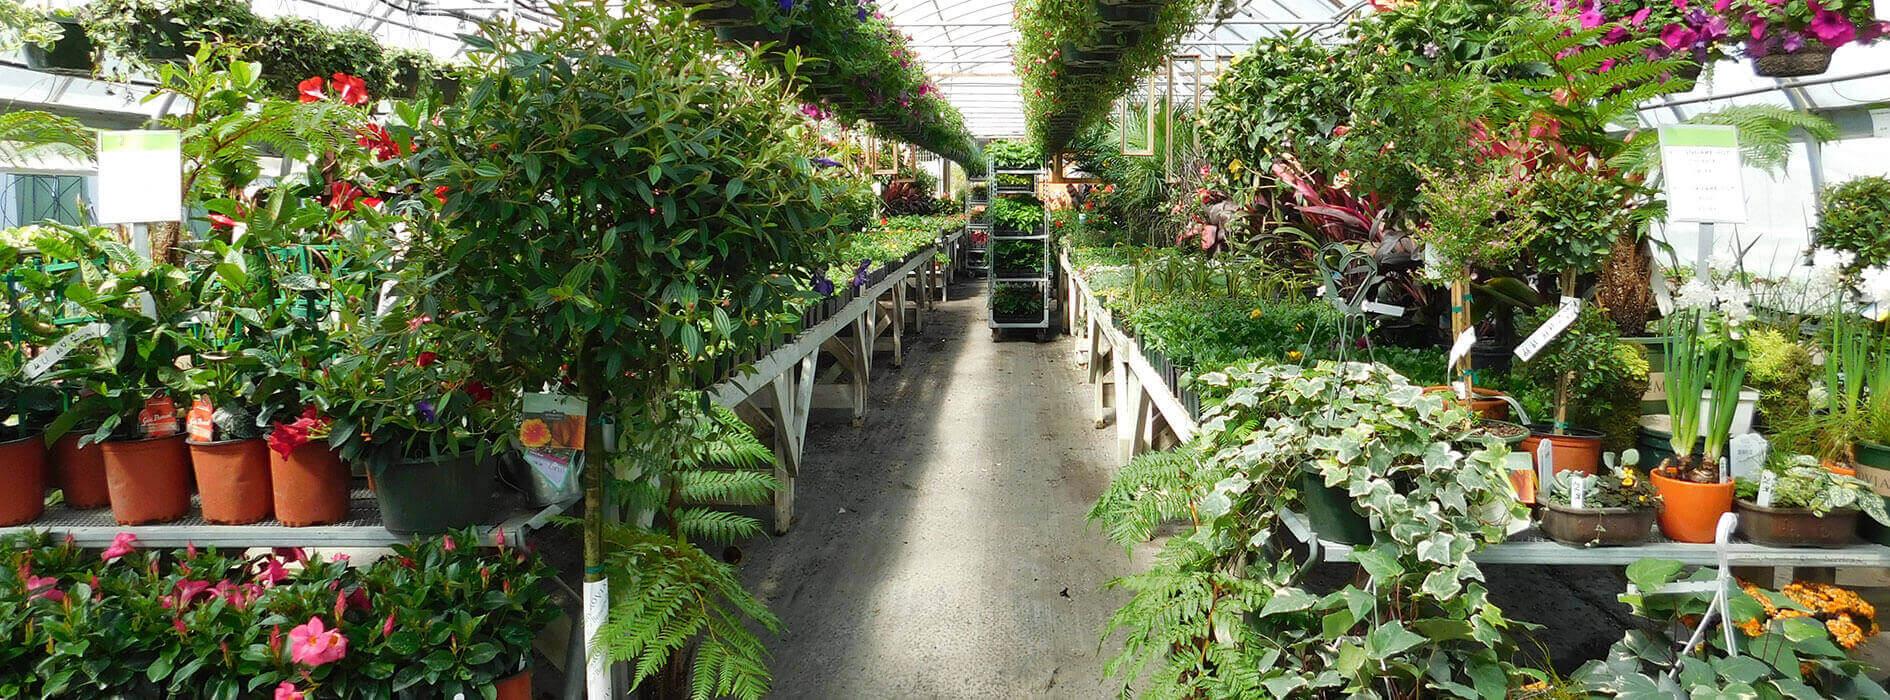 Garden-Centre_Heidis-GrowHaus-Lifestyle-Gardens